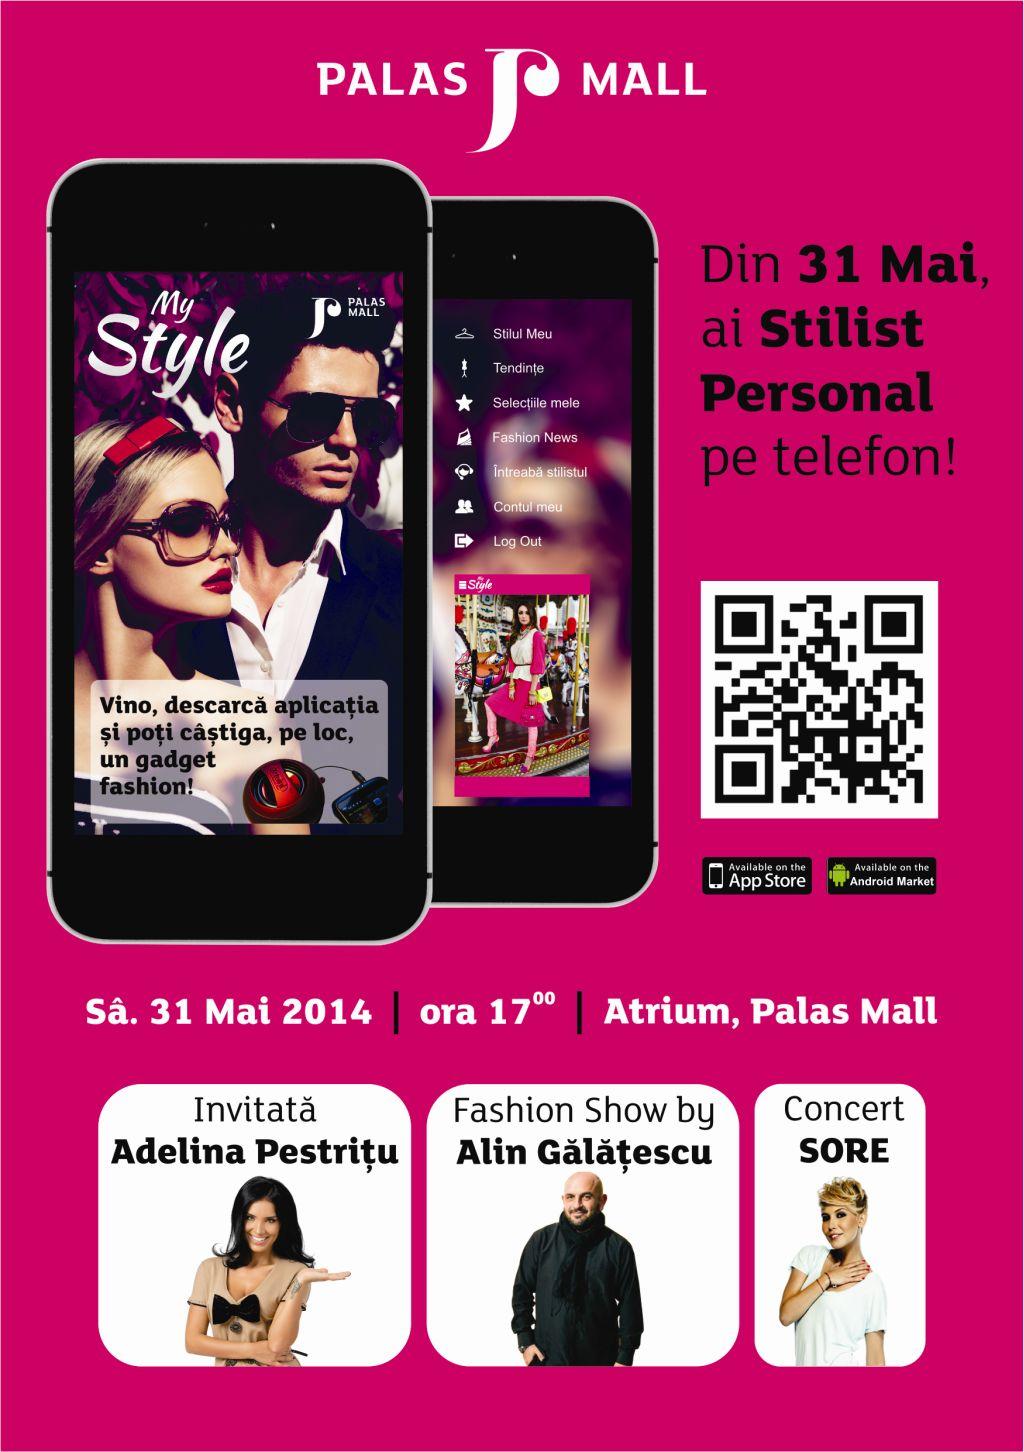 """Palas lanseaza """"My Style"""", prima aplicatie de fashion pentru smartphone a unui Mall din Romania"""